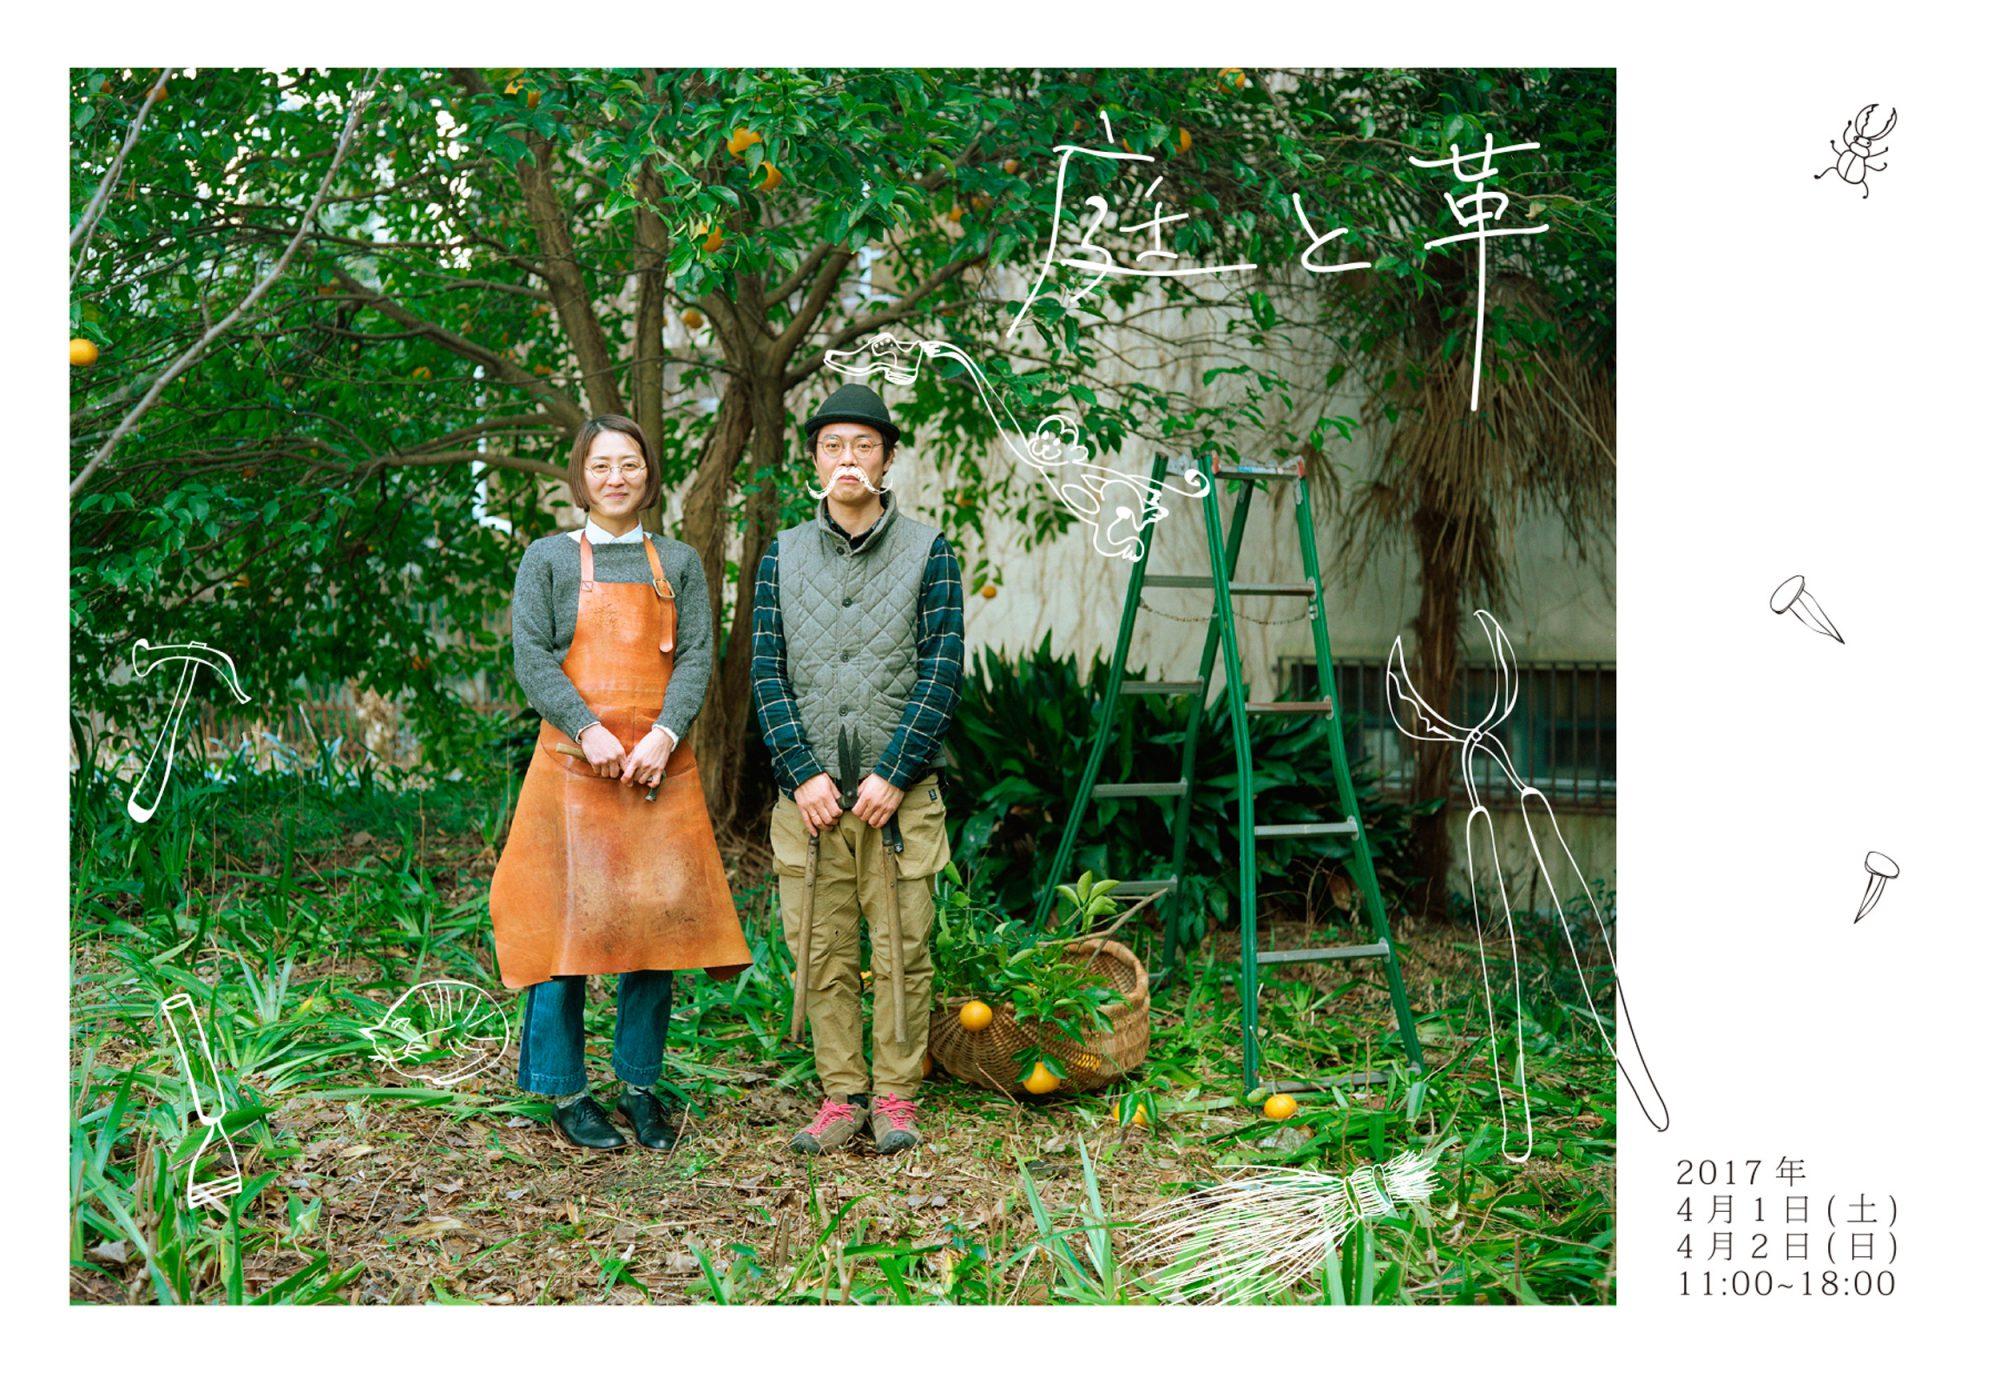 庭と革DMの写真面_1